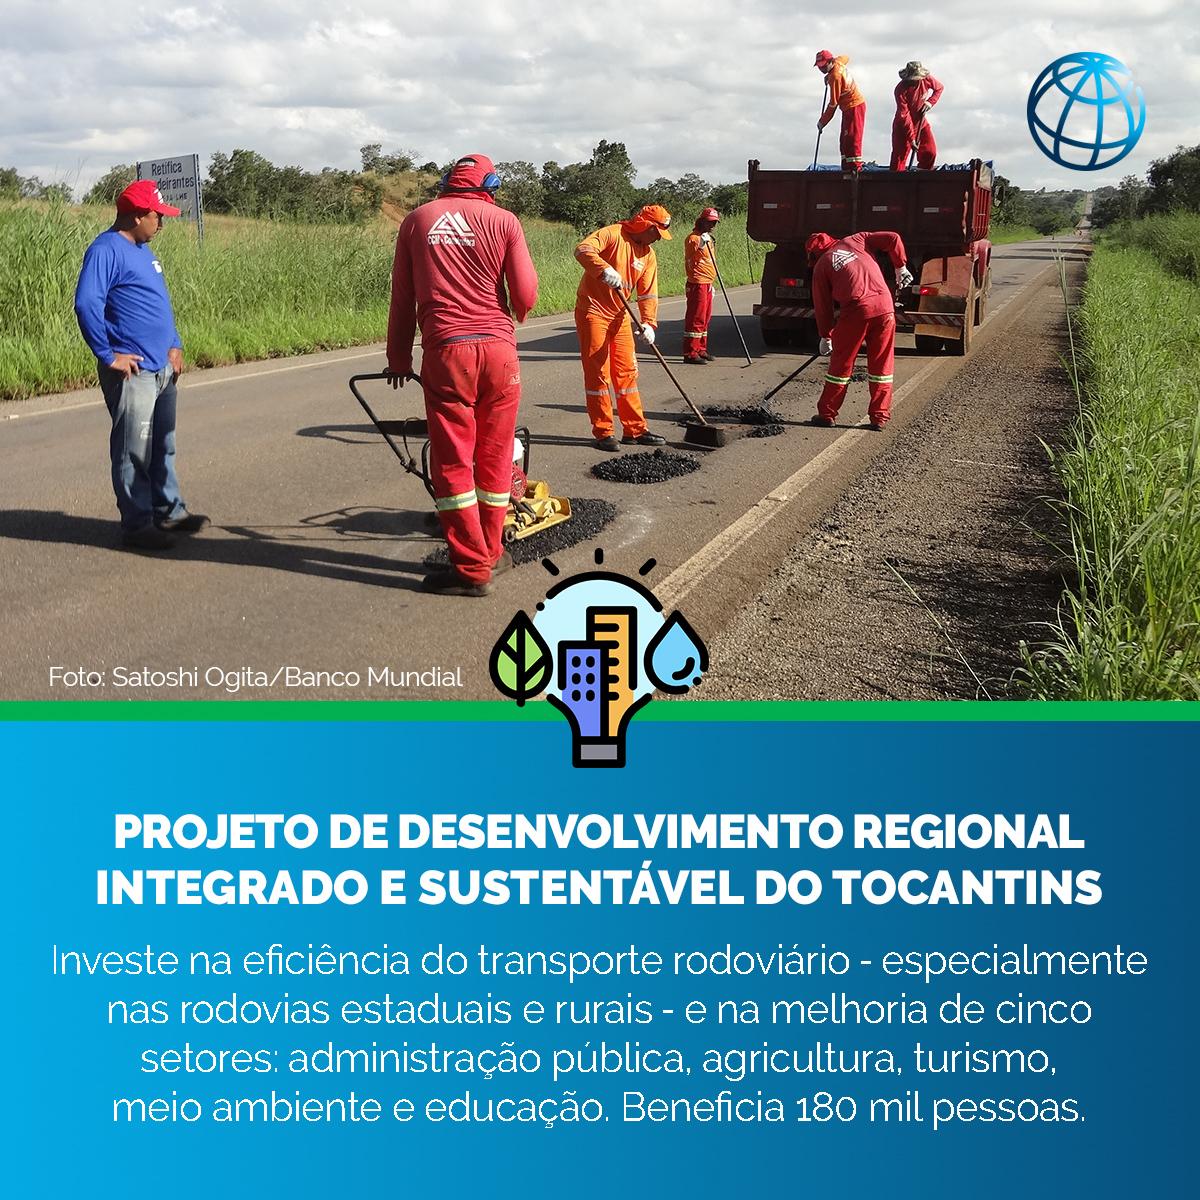 Este projeto do Banco Mundial ouviu em primeira mão as comunidades do #Tocantins sobre a seleção de estradas que precisavam de melhorias e sobre suas prioridades de desenvolvimento. Conheça alguns dos resultados!